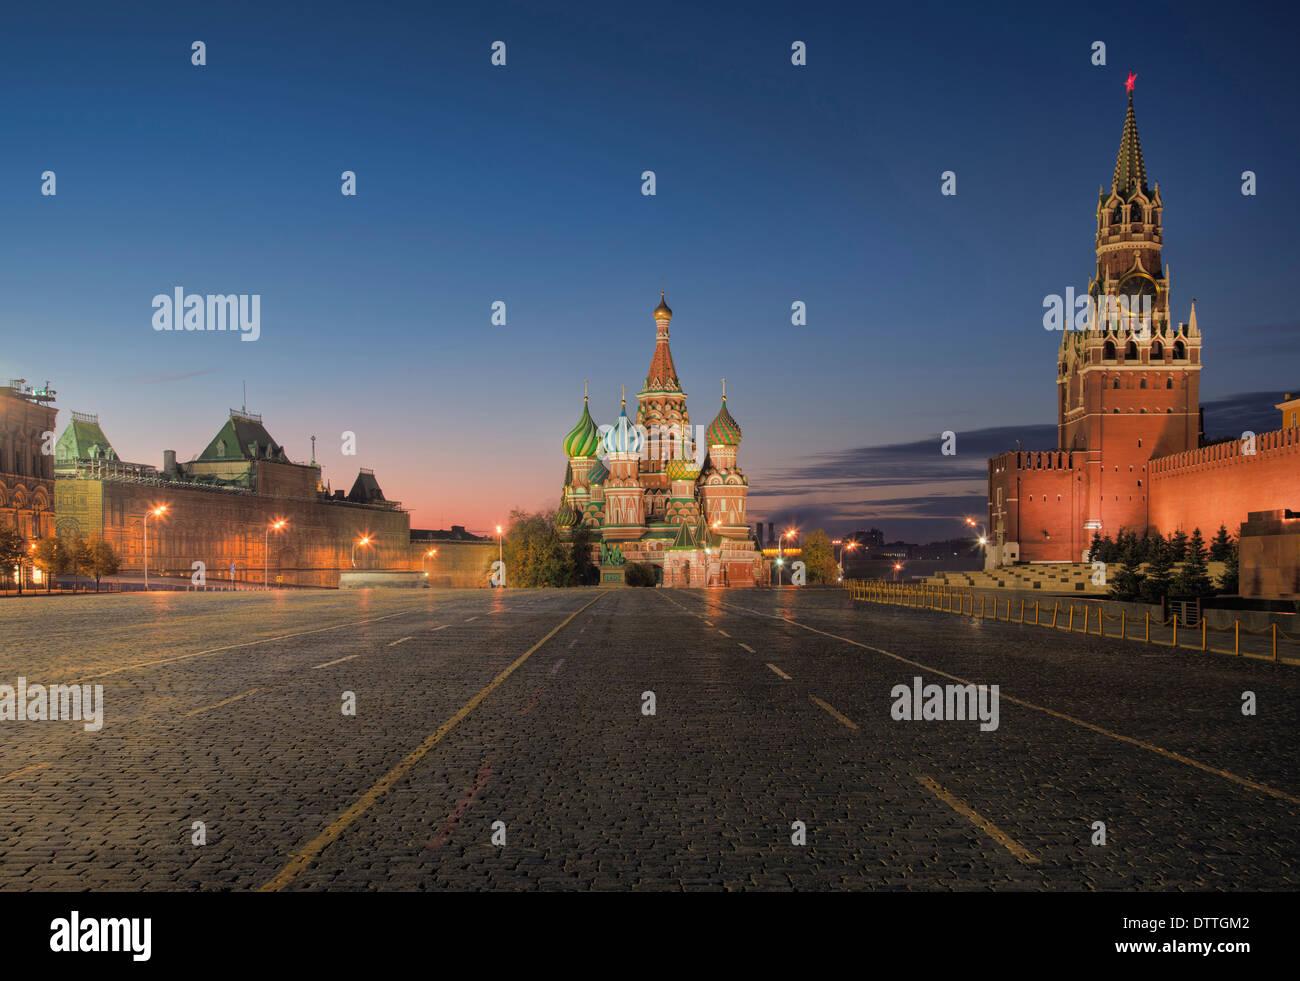 Kremlin, Catedral de San Basilio y la Plaza Roja, Moscú, Rusia Imagen De Stock